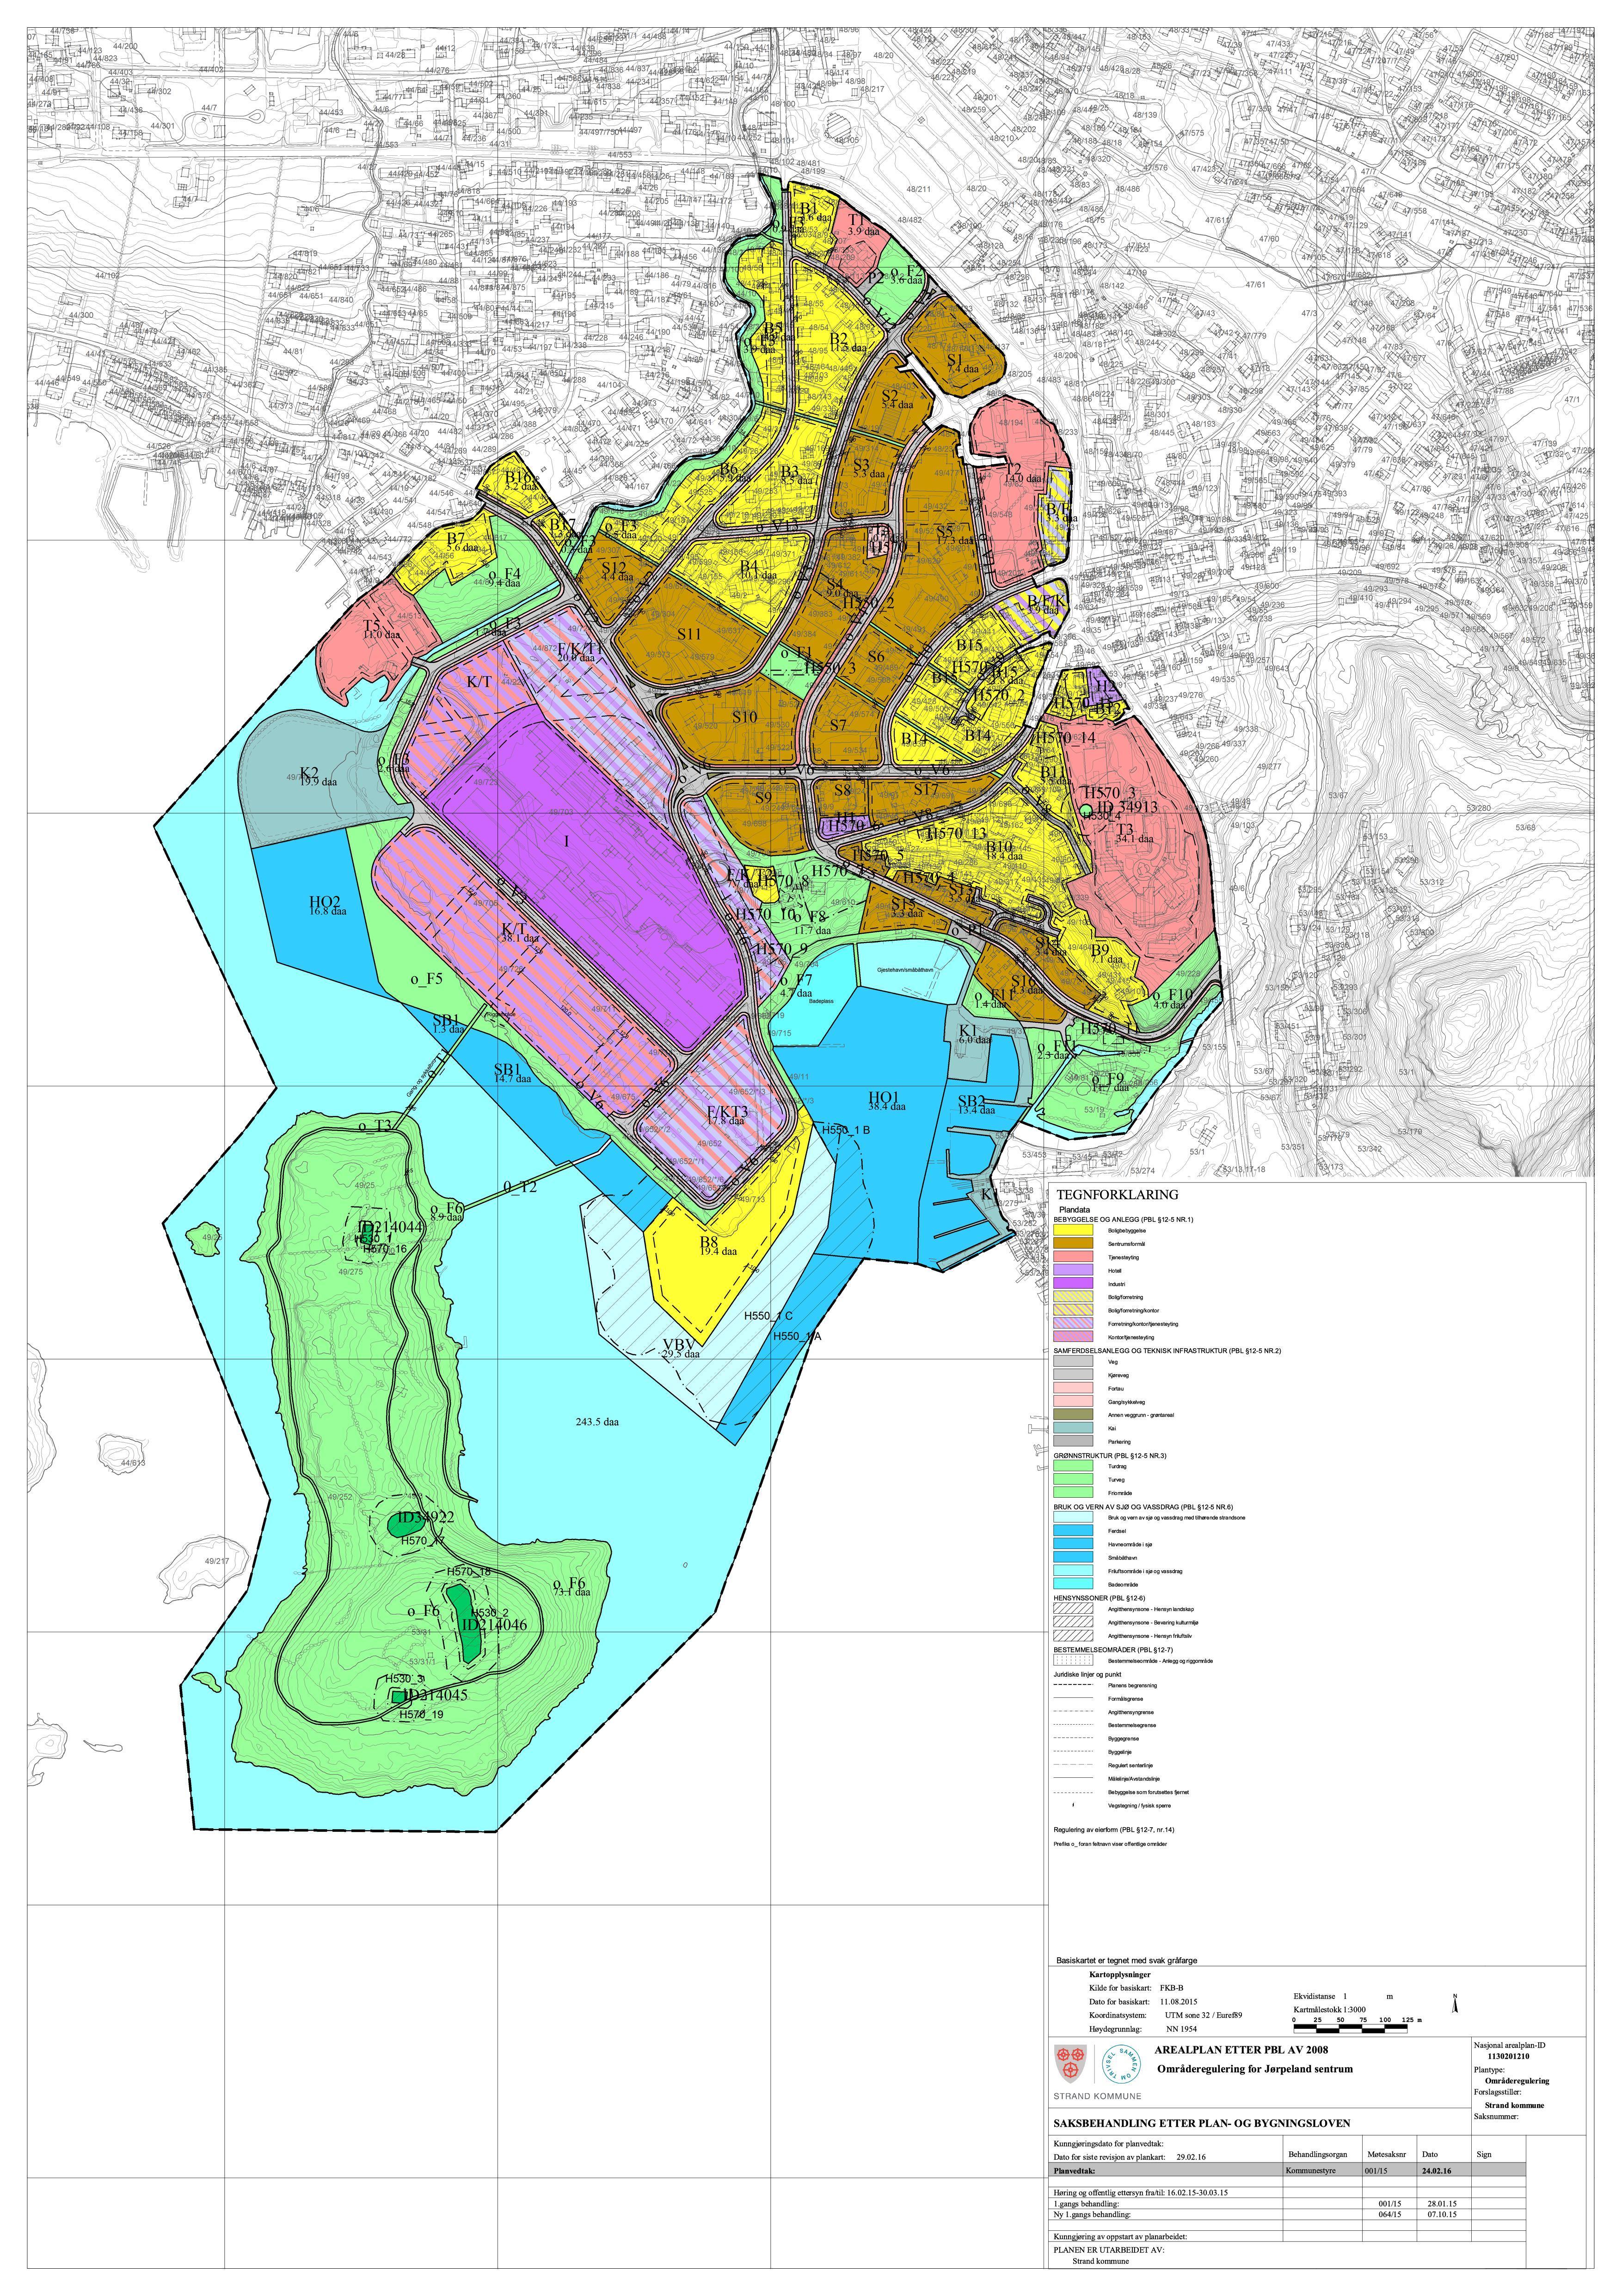 strand kommune kart Godkjent områderegulering for Jørpeland sentrum   Strand kommune strand kommune kart